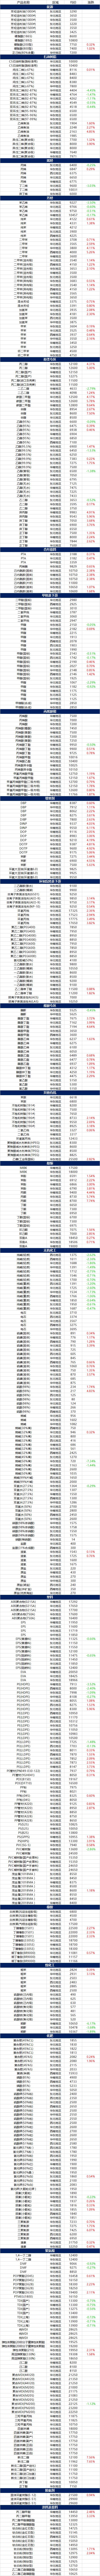 11月18日摩贝基础化学品价格行情